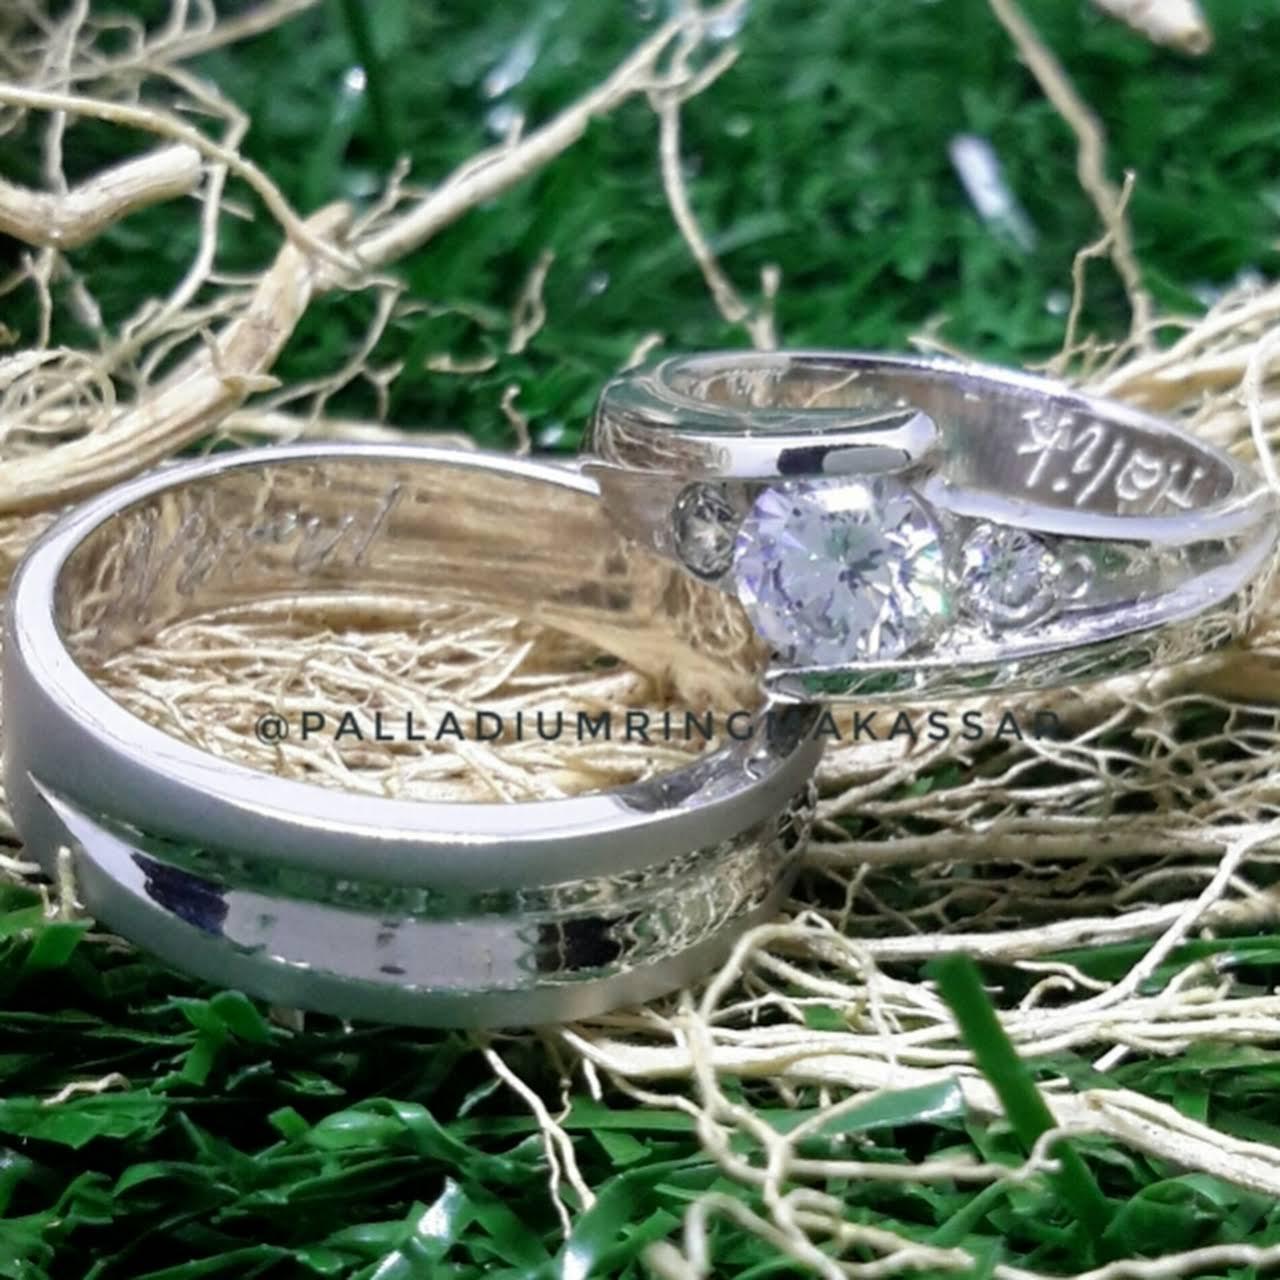 Cincin Palladium Makassar Jewelry Store Pernikahan 023 Kawin Prm0001